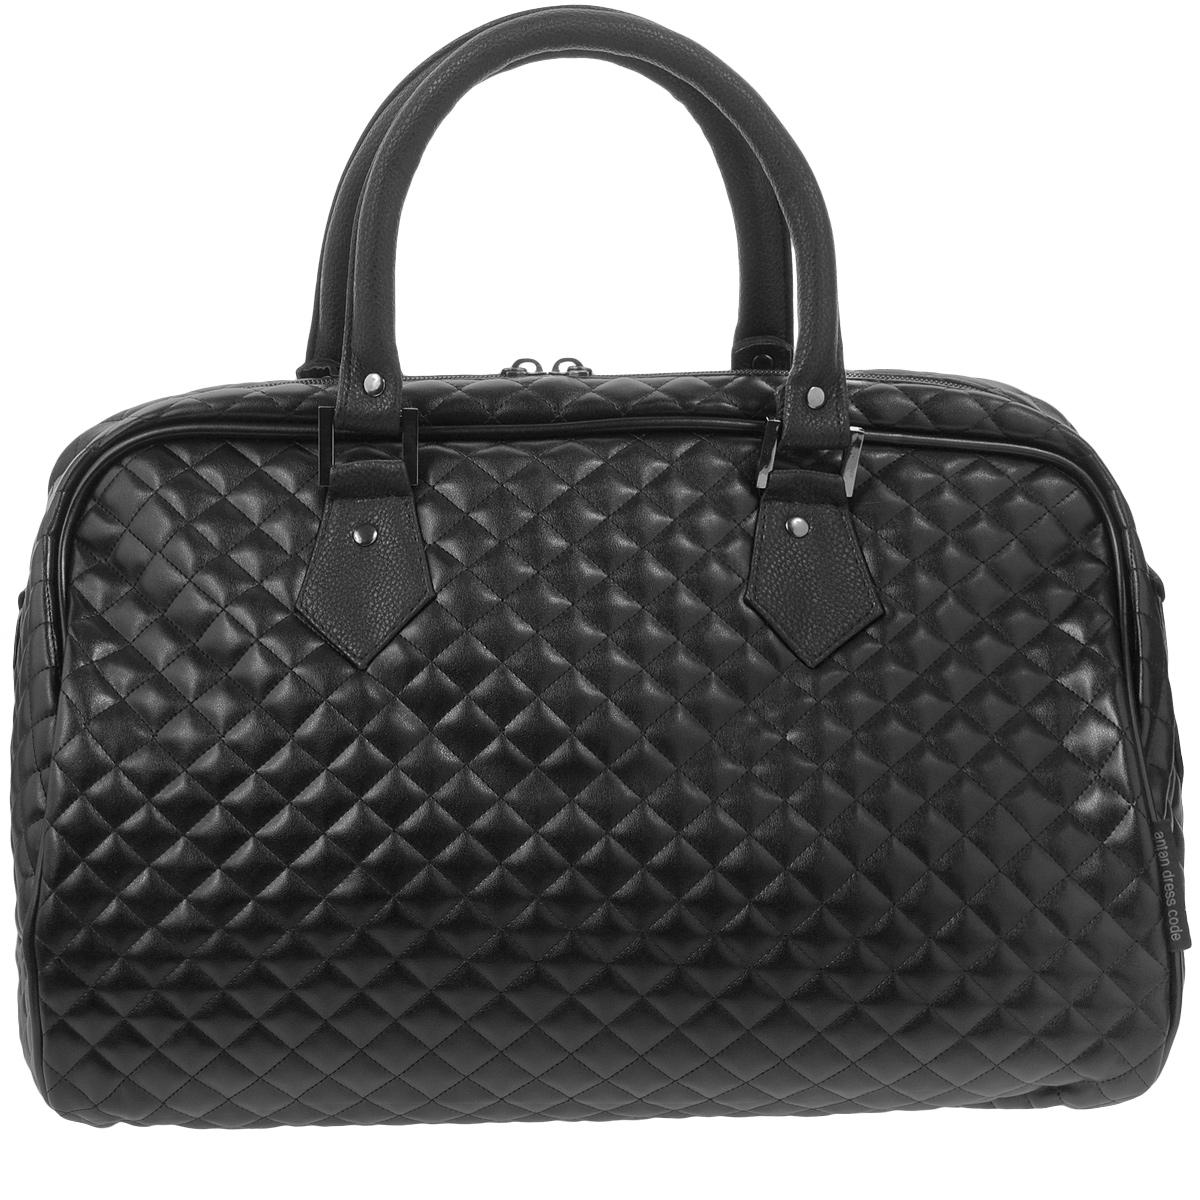 Сумка дорожная Antan, цвет: черный. 2-137 В стеганая сумка antan венеция цвет черный 3 37